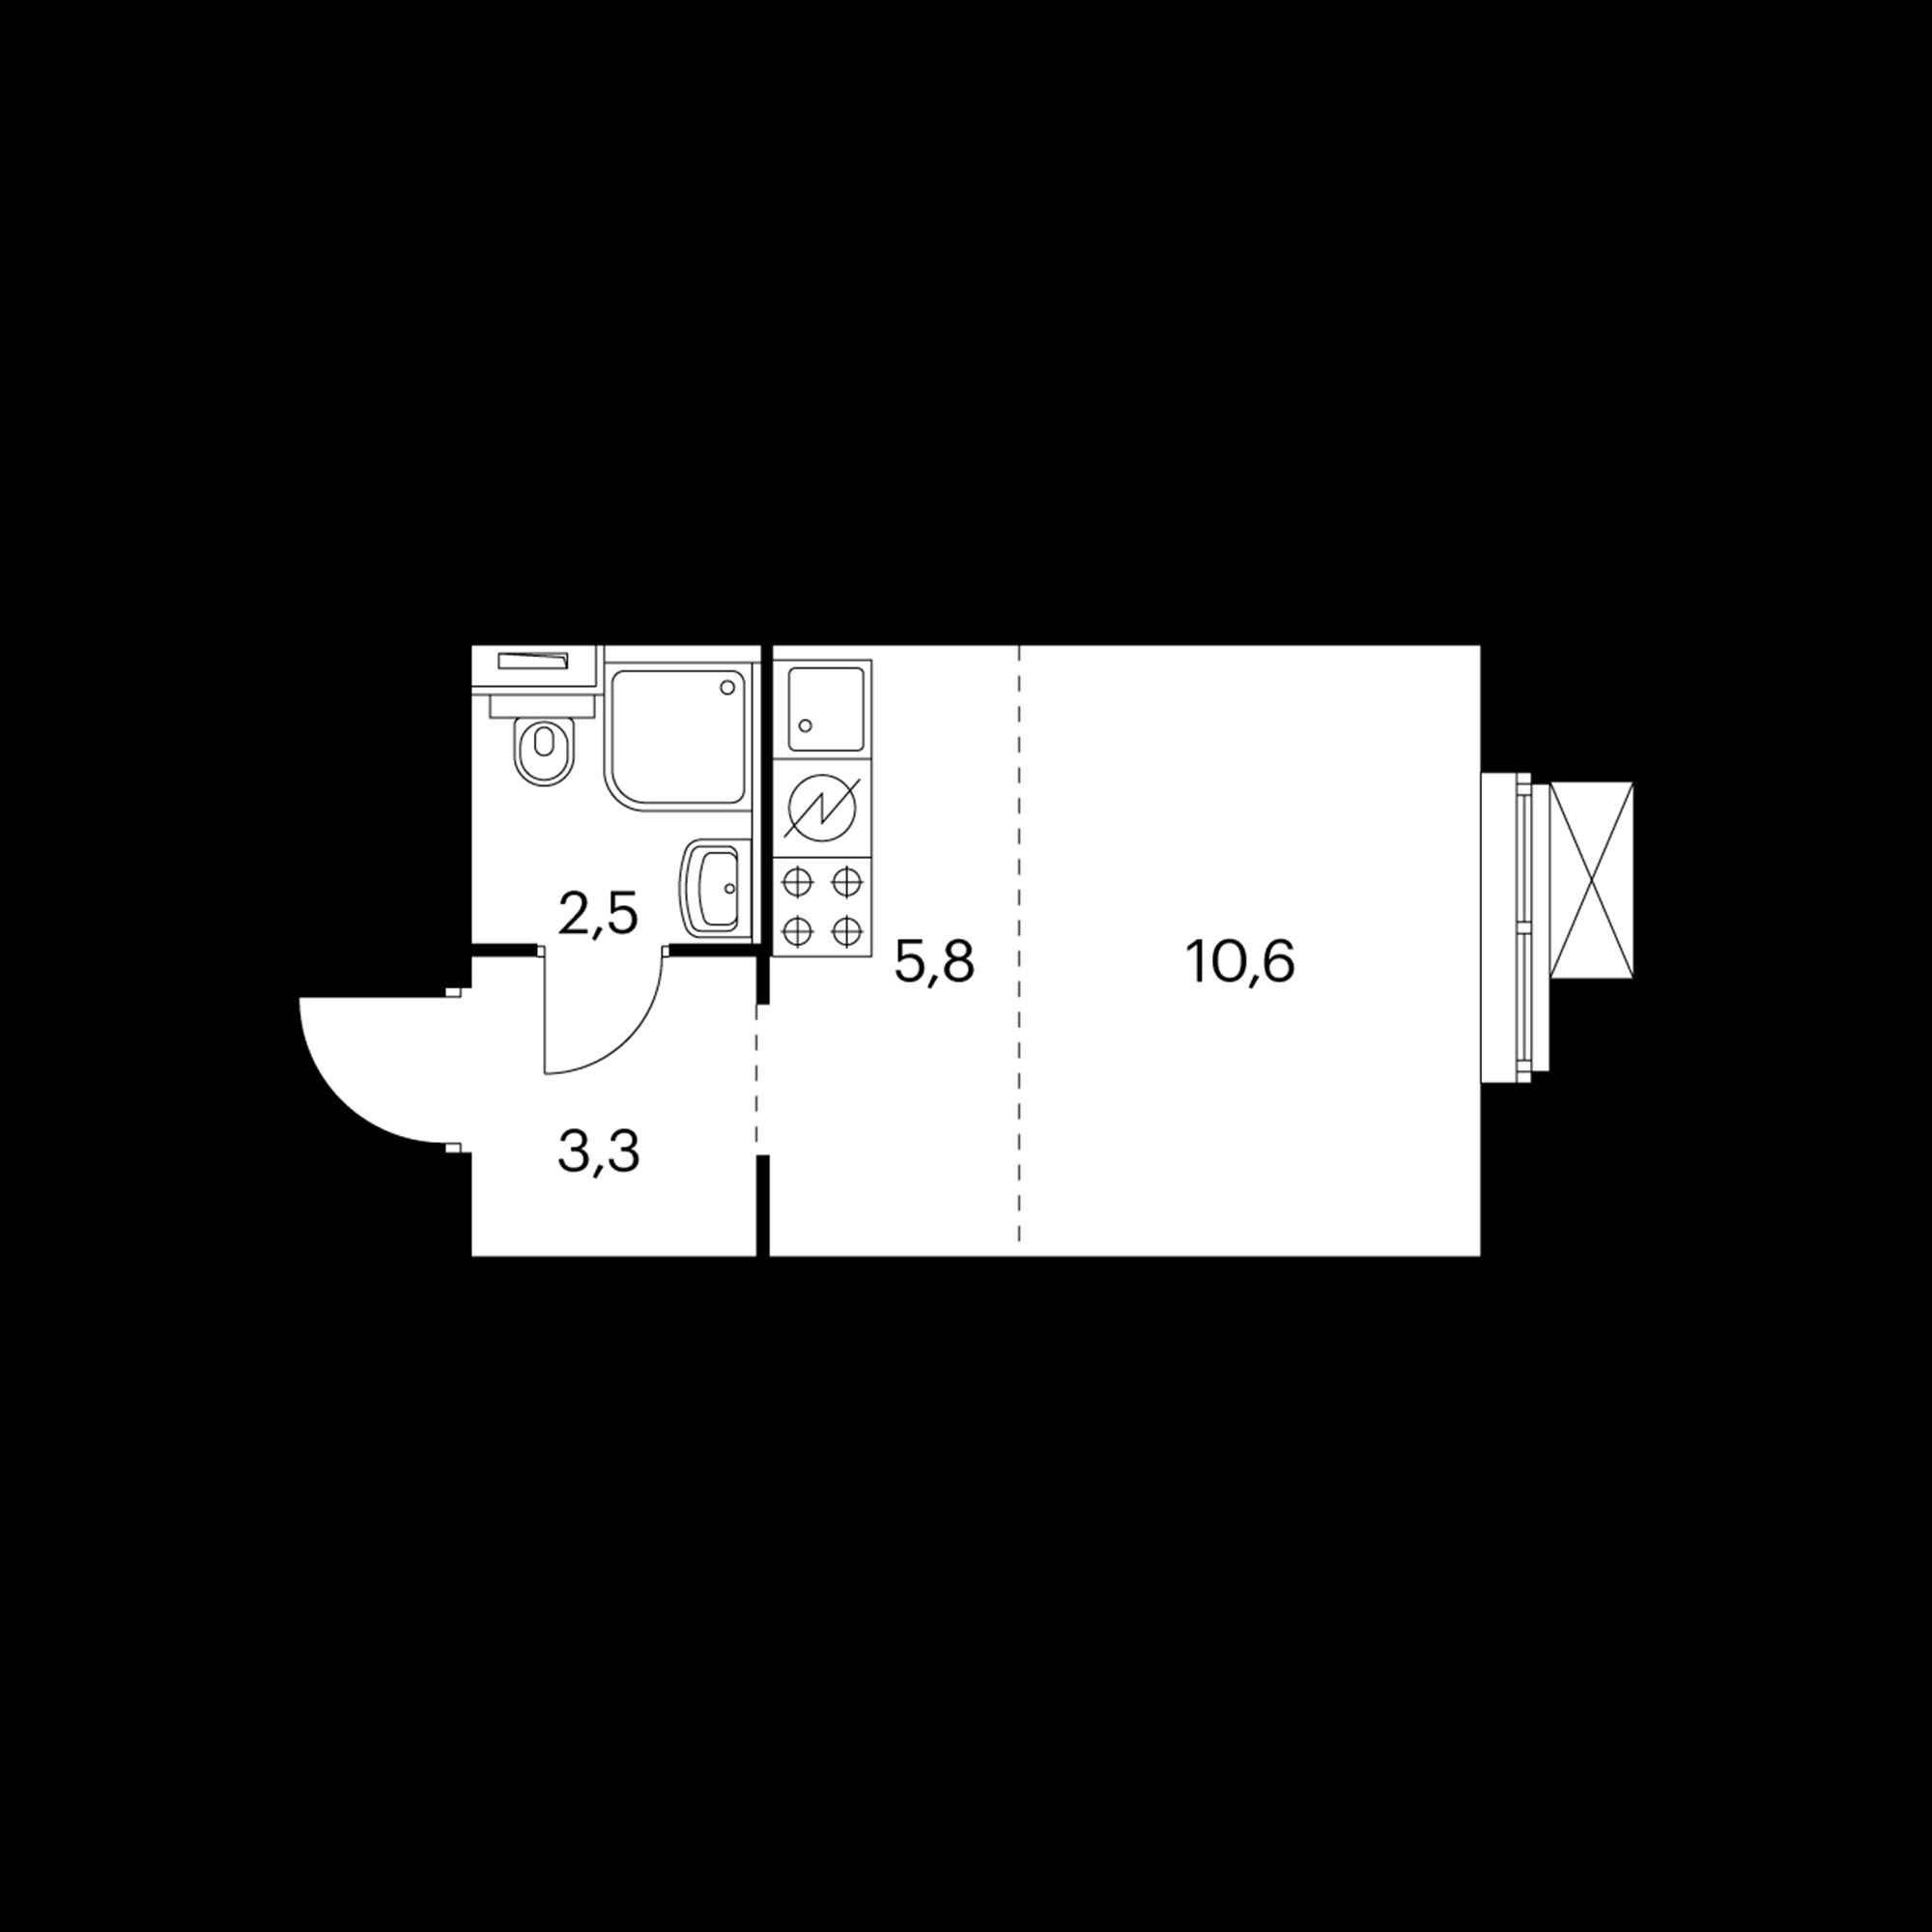 1NS1_3.9-1_S_A